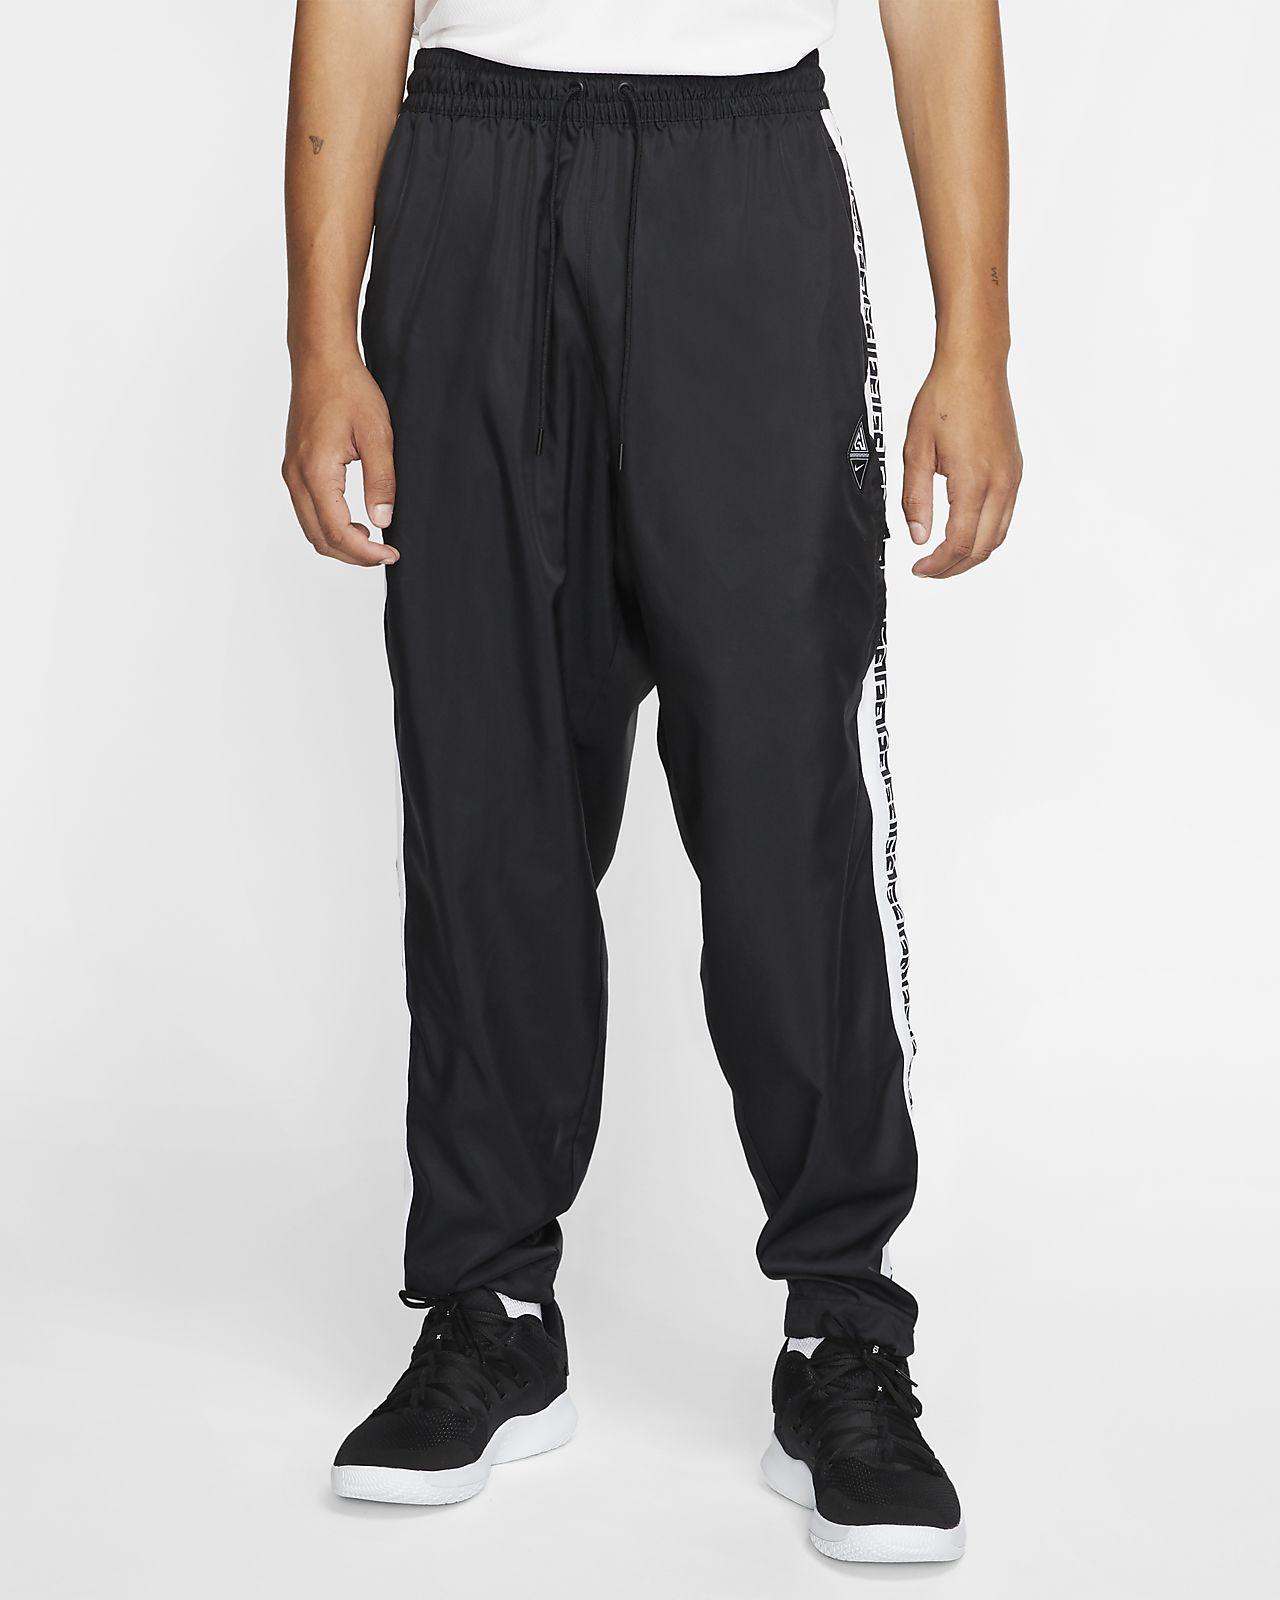 Ανδρικό παντελόνι φόρμας για μπάσκετ με λογότυπο Giannis